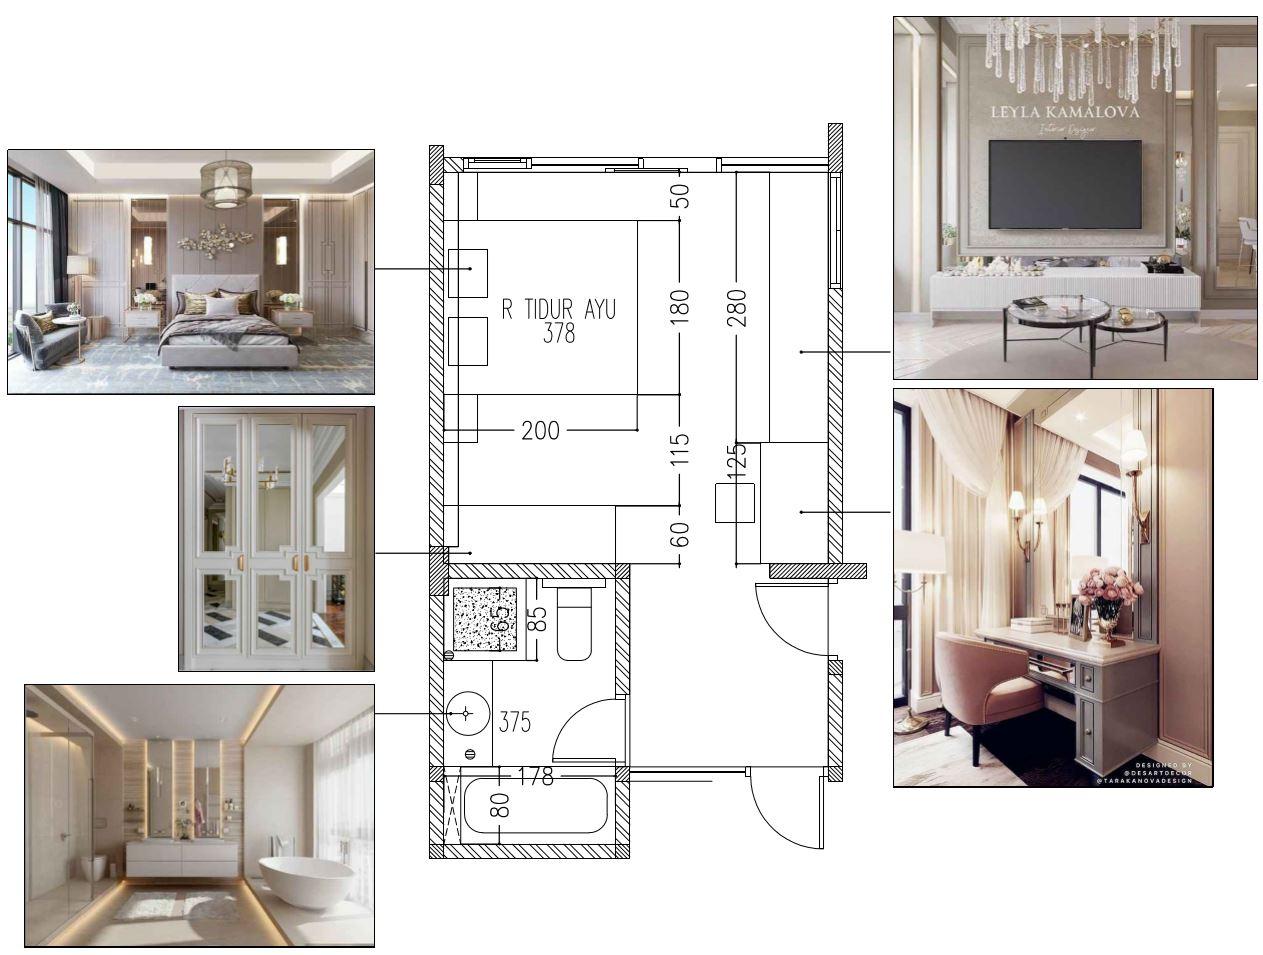 Jasa Arsitek Kelengkapan Gambar 1